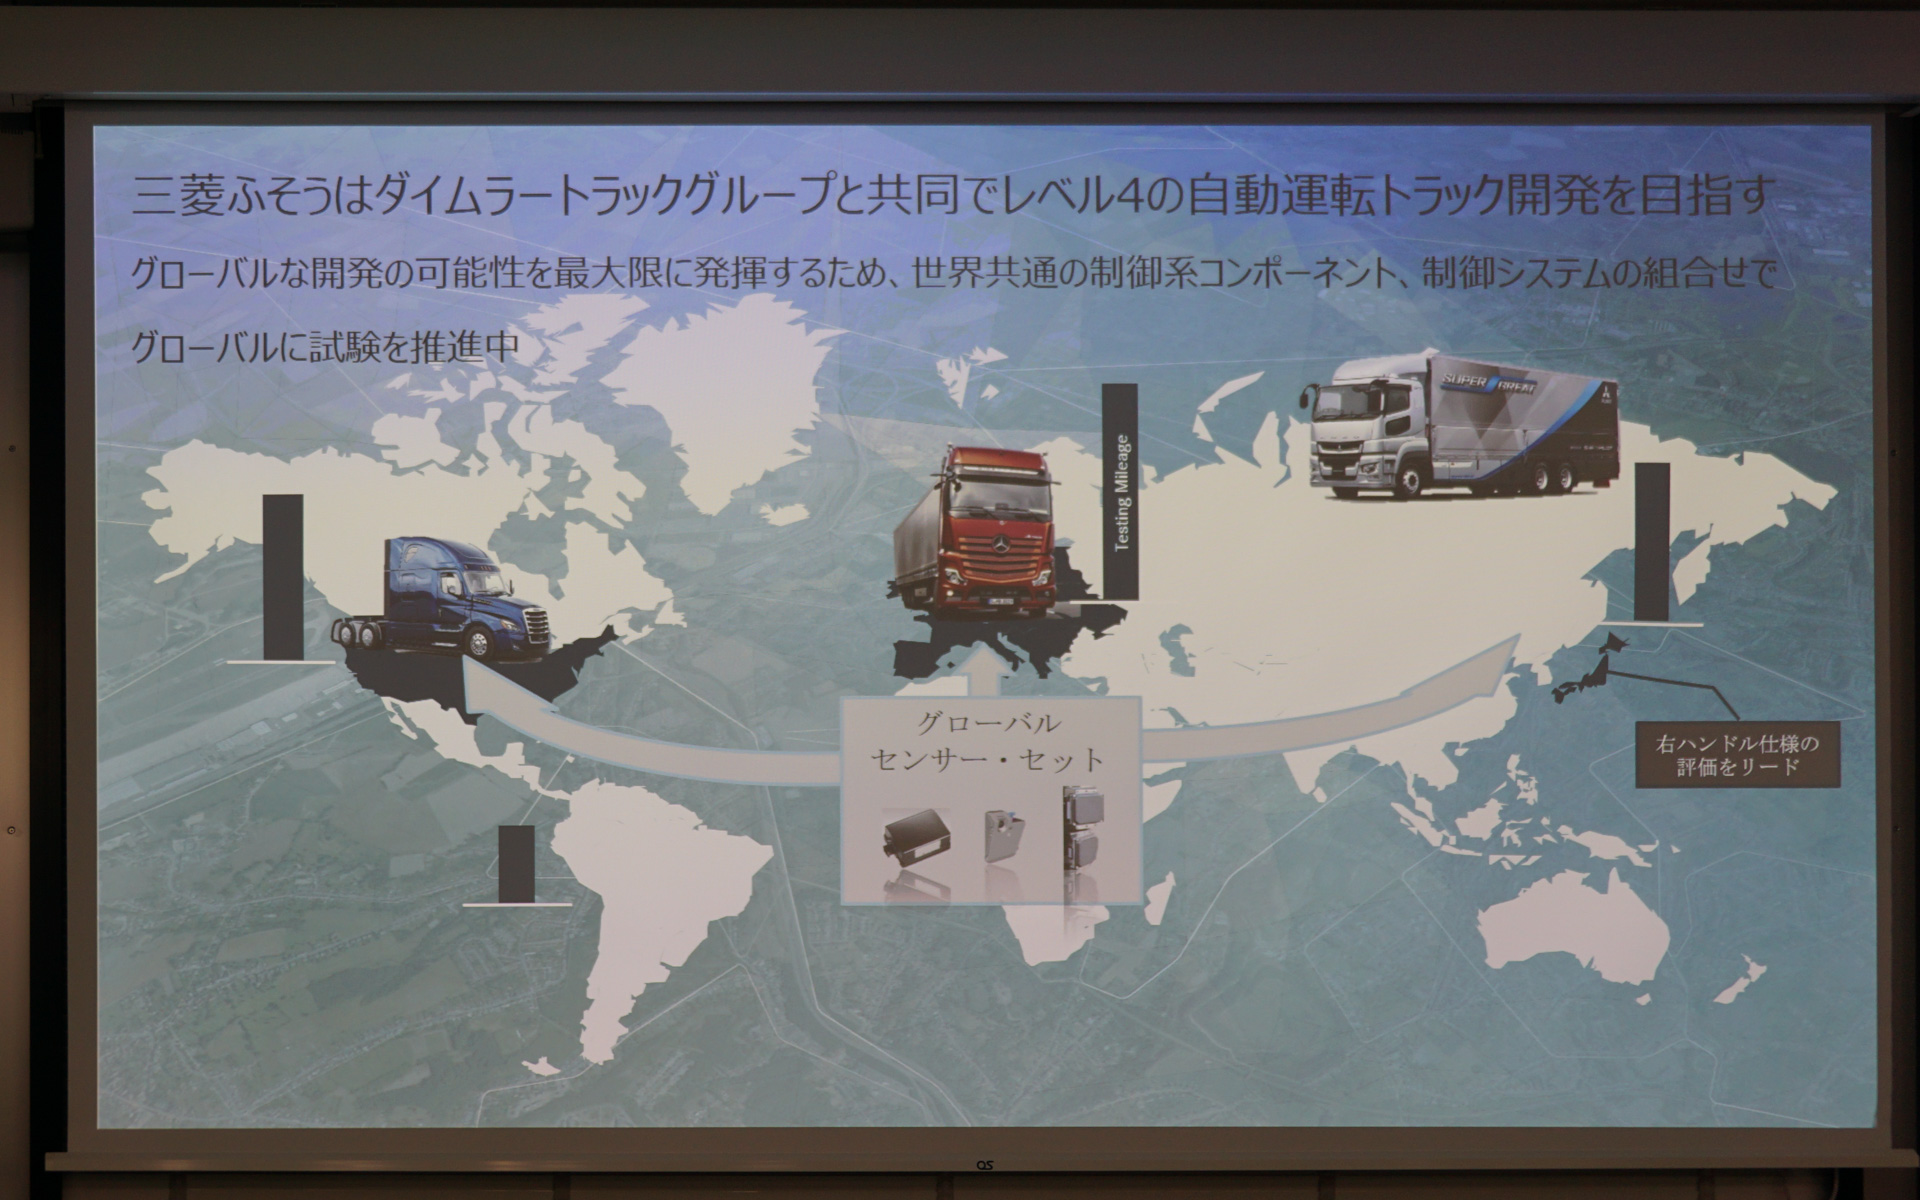 ダイムラートラックグループとしてレベル4自動運転トラックの開発への取り組みを紹介するスライド